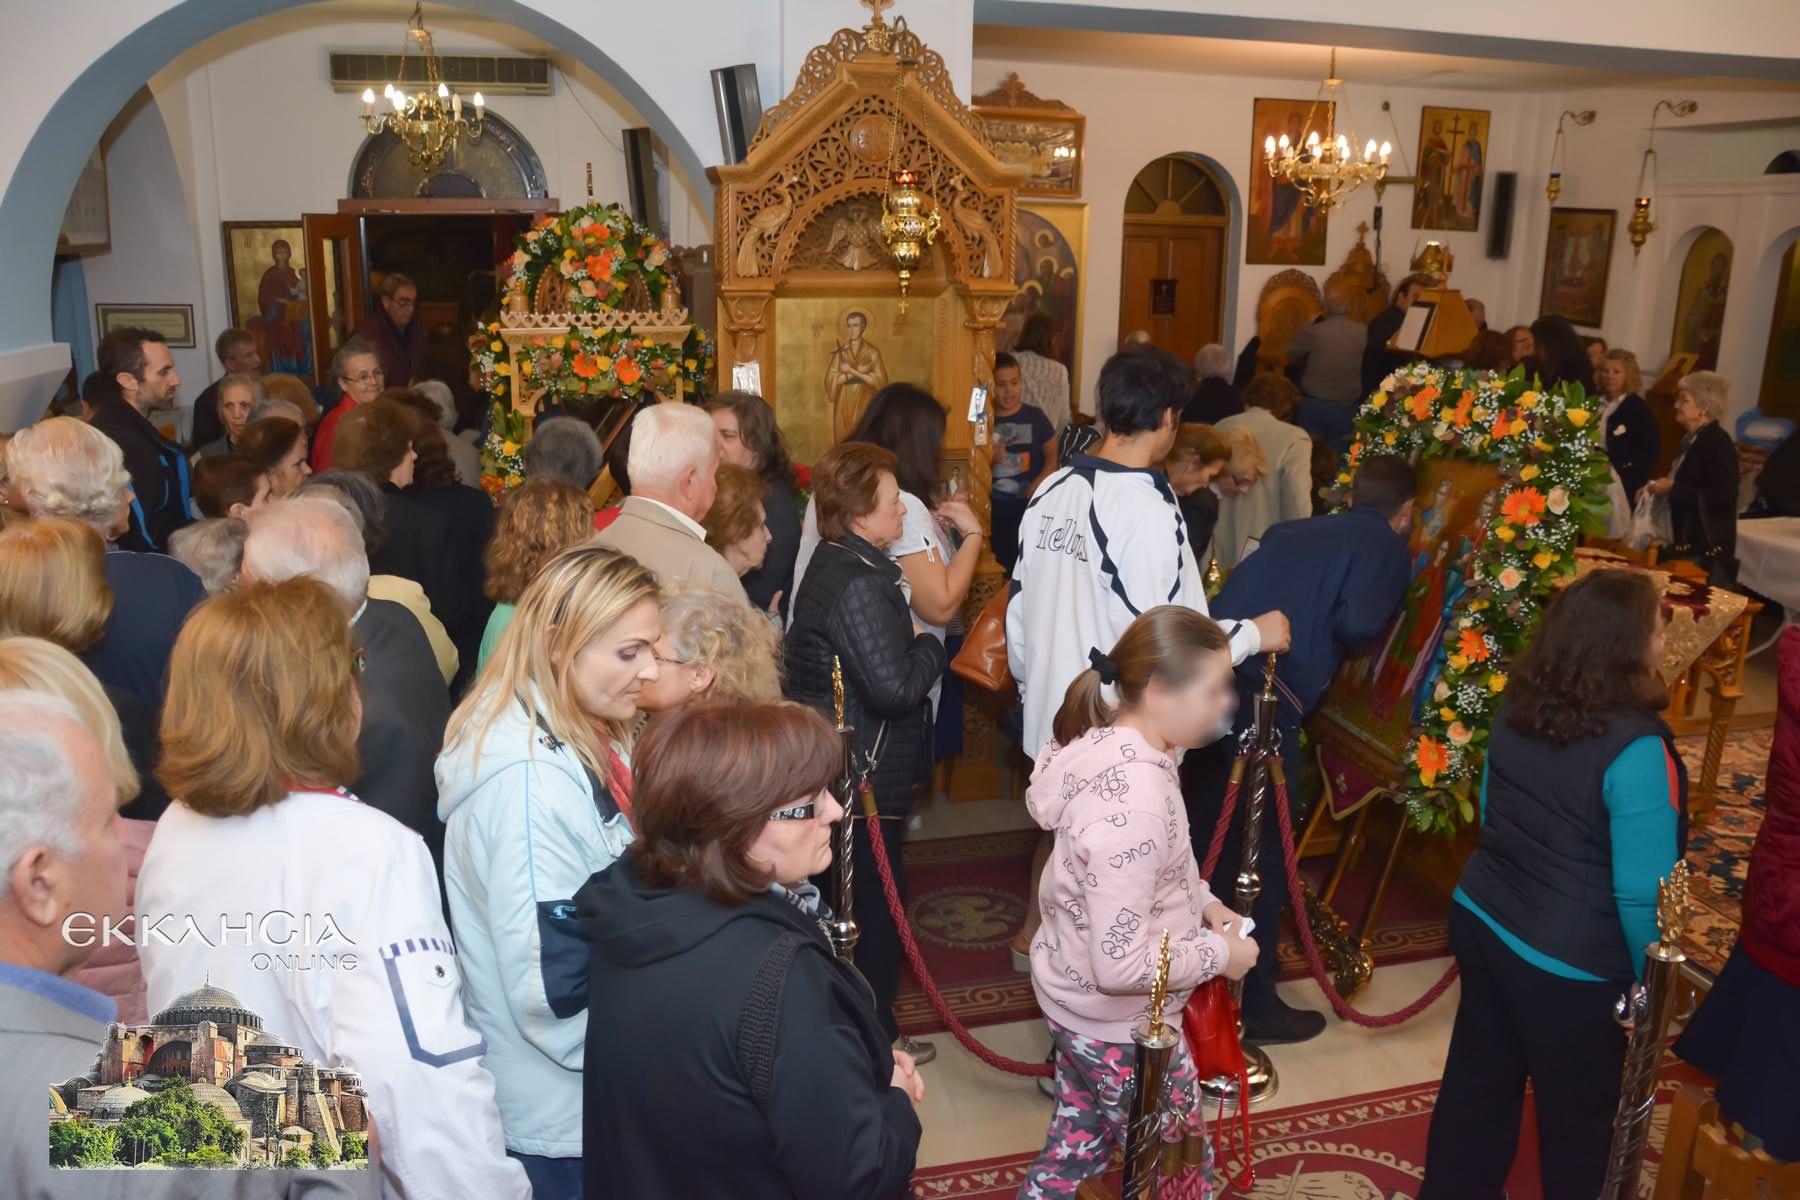 Ιερός Ναός Αγίων Ακινδύνων Εσπερινός 2019